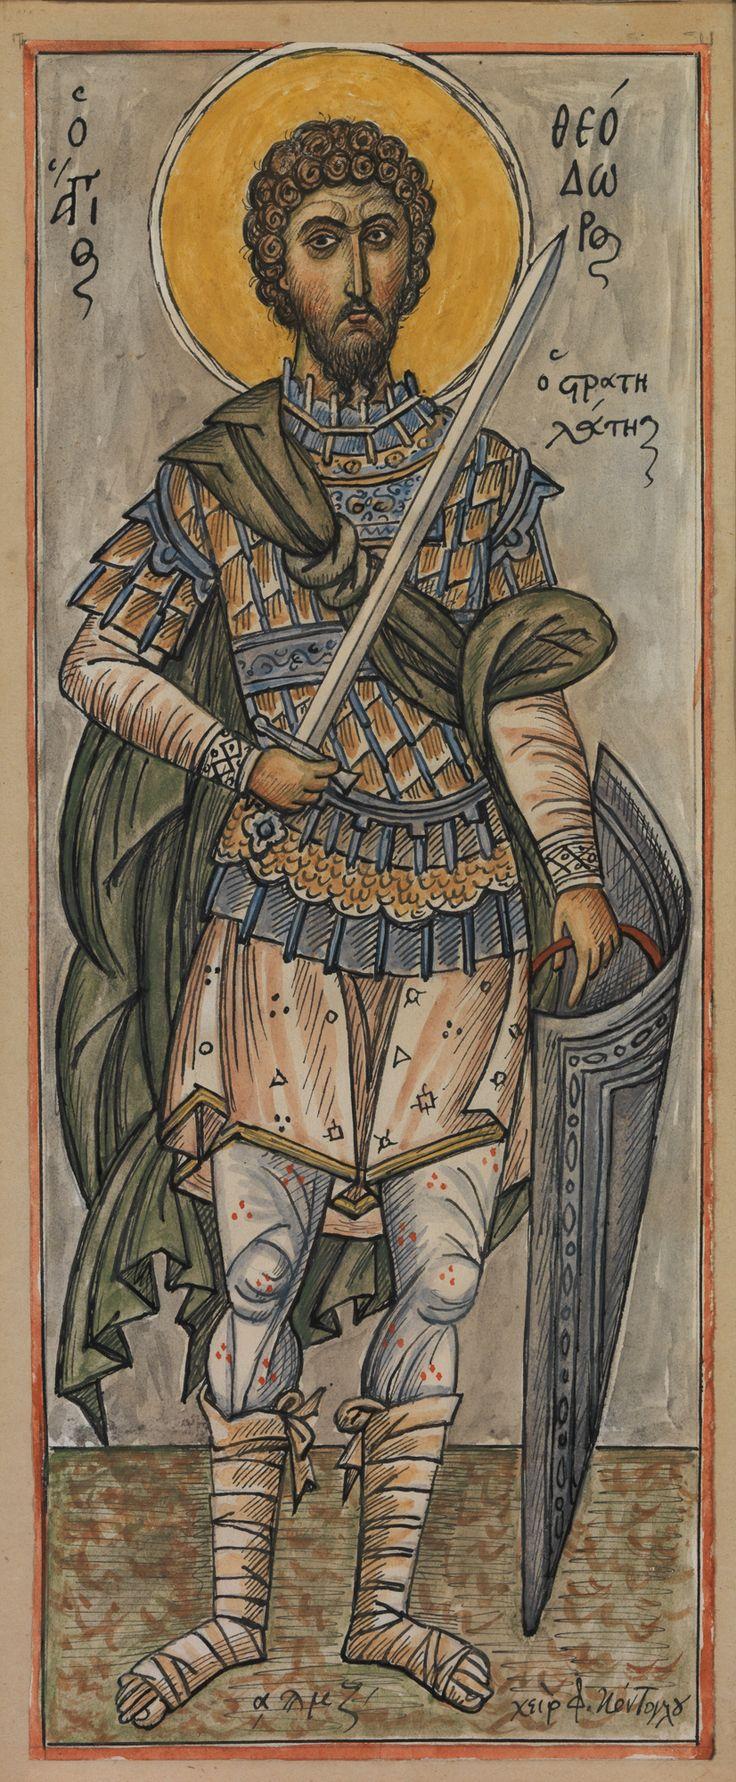 Φώτης Κόντογλου, Ο Άγιος Θεόδωρος ο Στρατηλάτης, 1947-1948